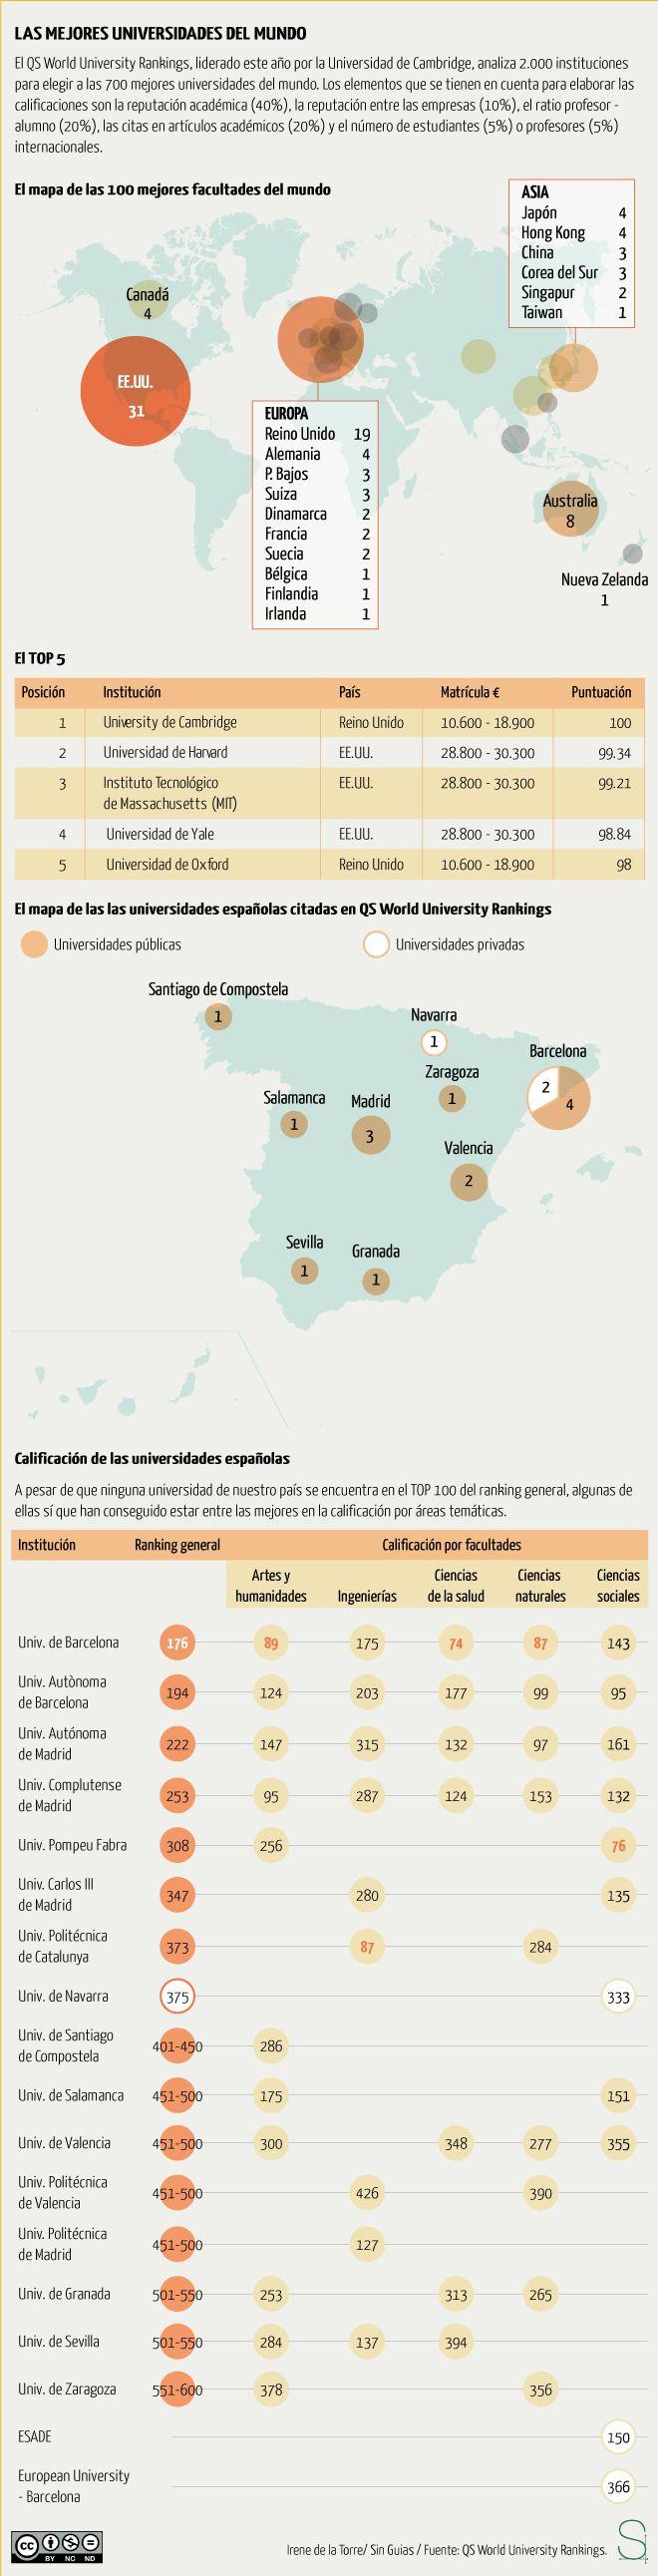 Las mejores universidades del mundo (y no están en España) #infografia #infographic #education